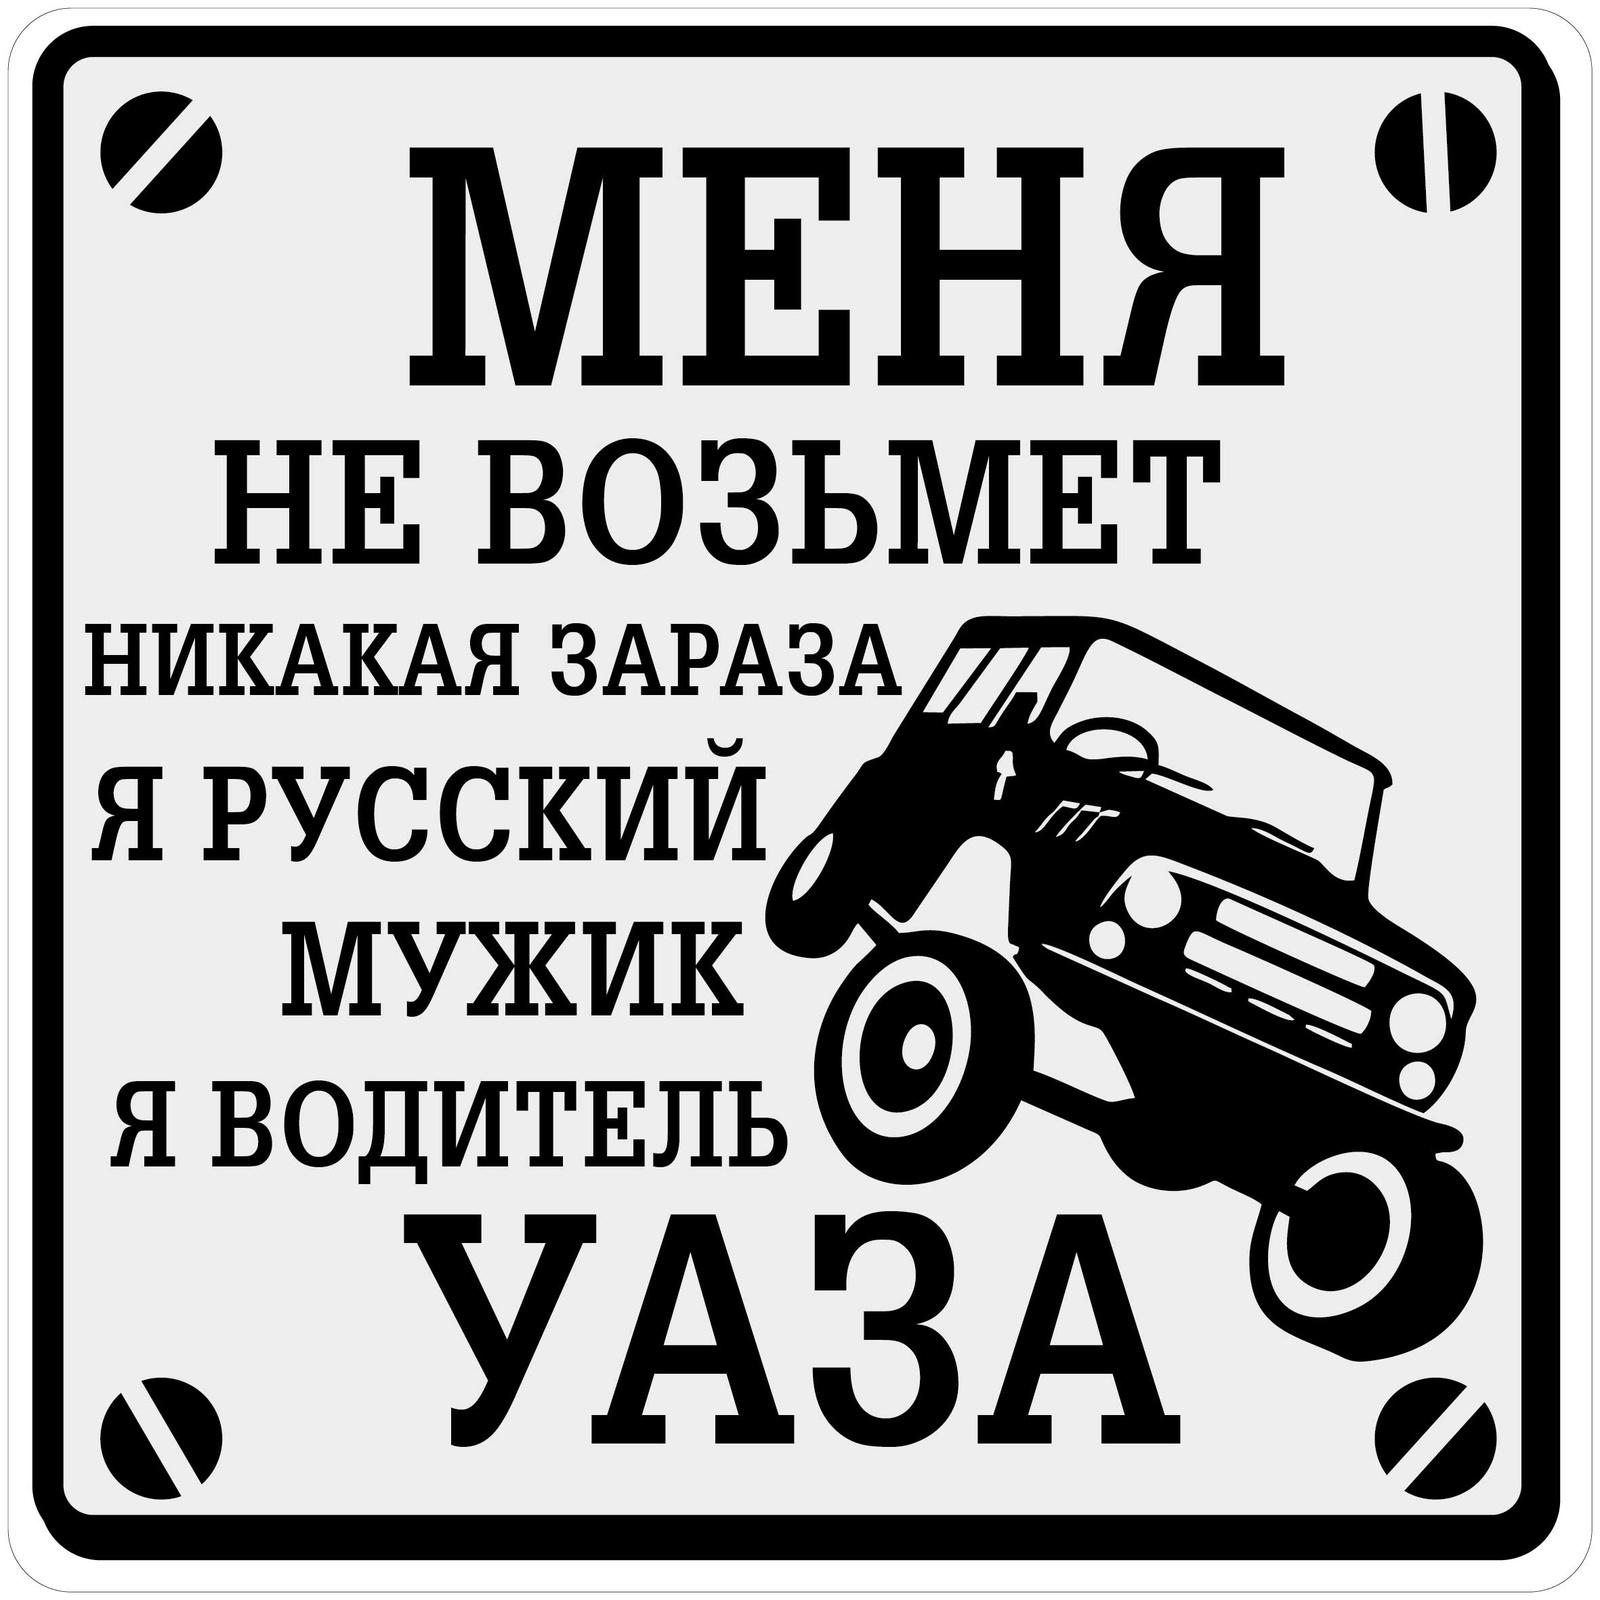 Наклейка автомобильная Mashonokom Водитель УАЗа, VCR 711-01, 18*18 см наклейка автомобильная decoretto великая отечественная виниловая 37 х 50 см